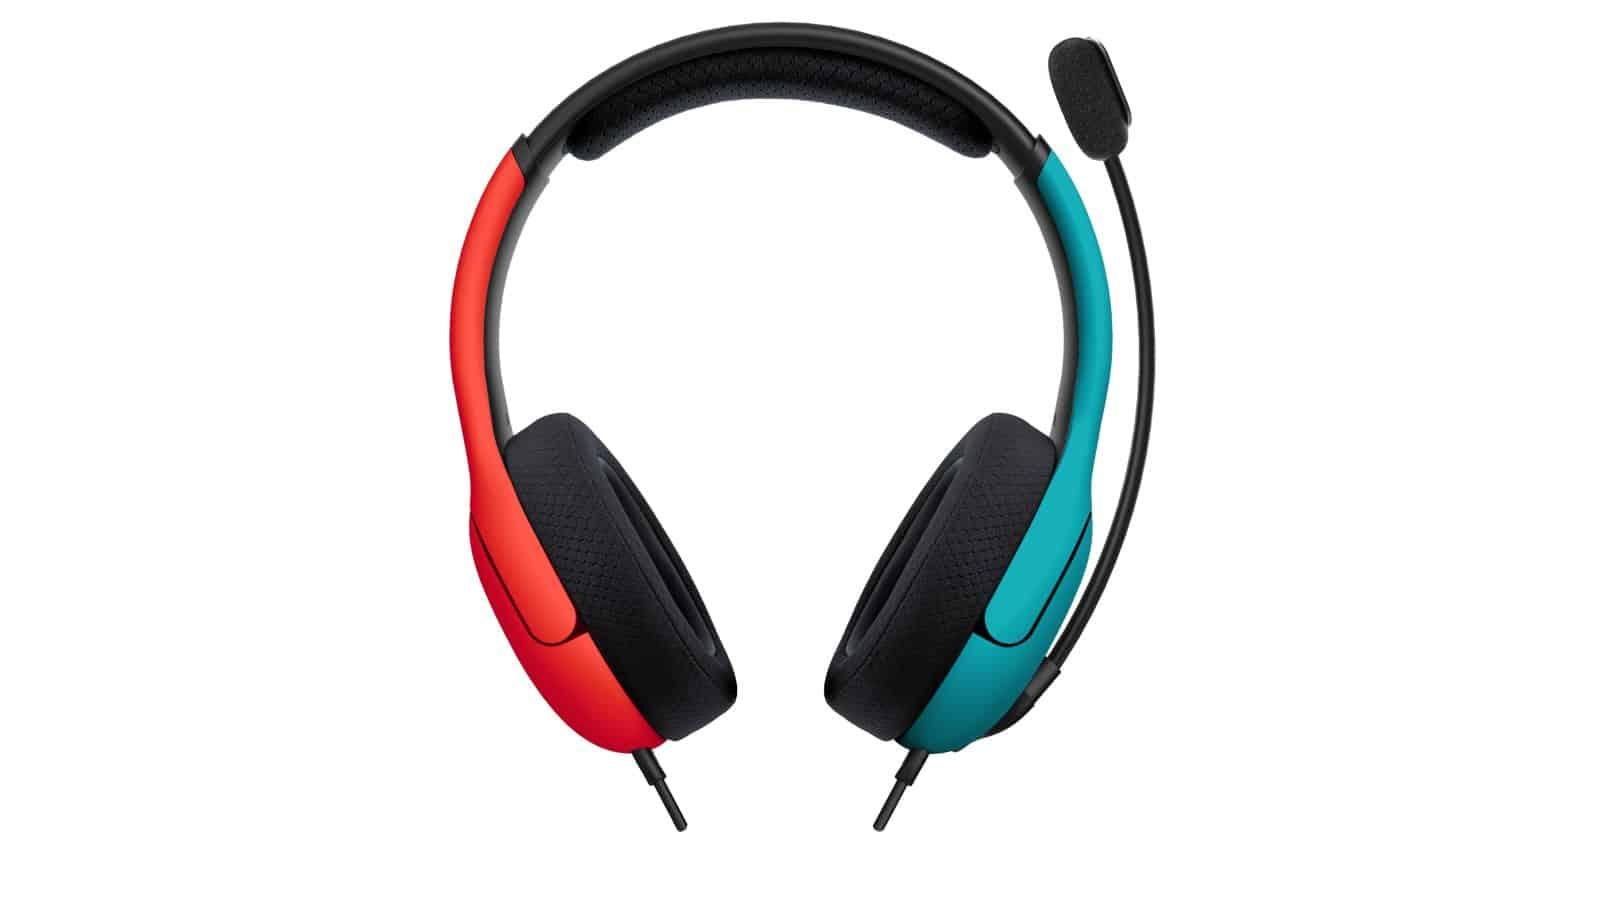 אוזניות בצבע אדום כחול - זווית קדמית